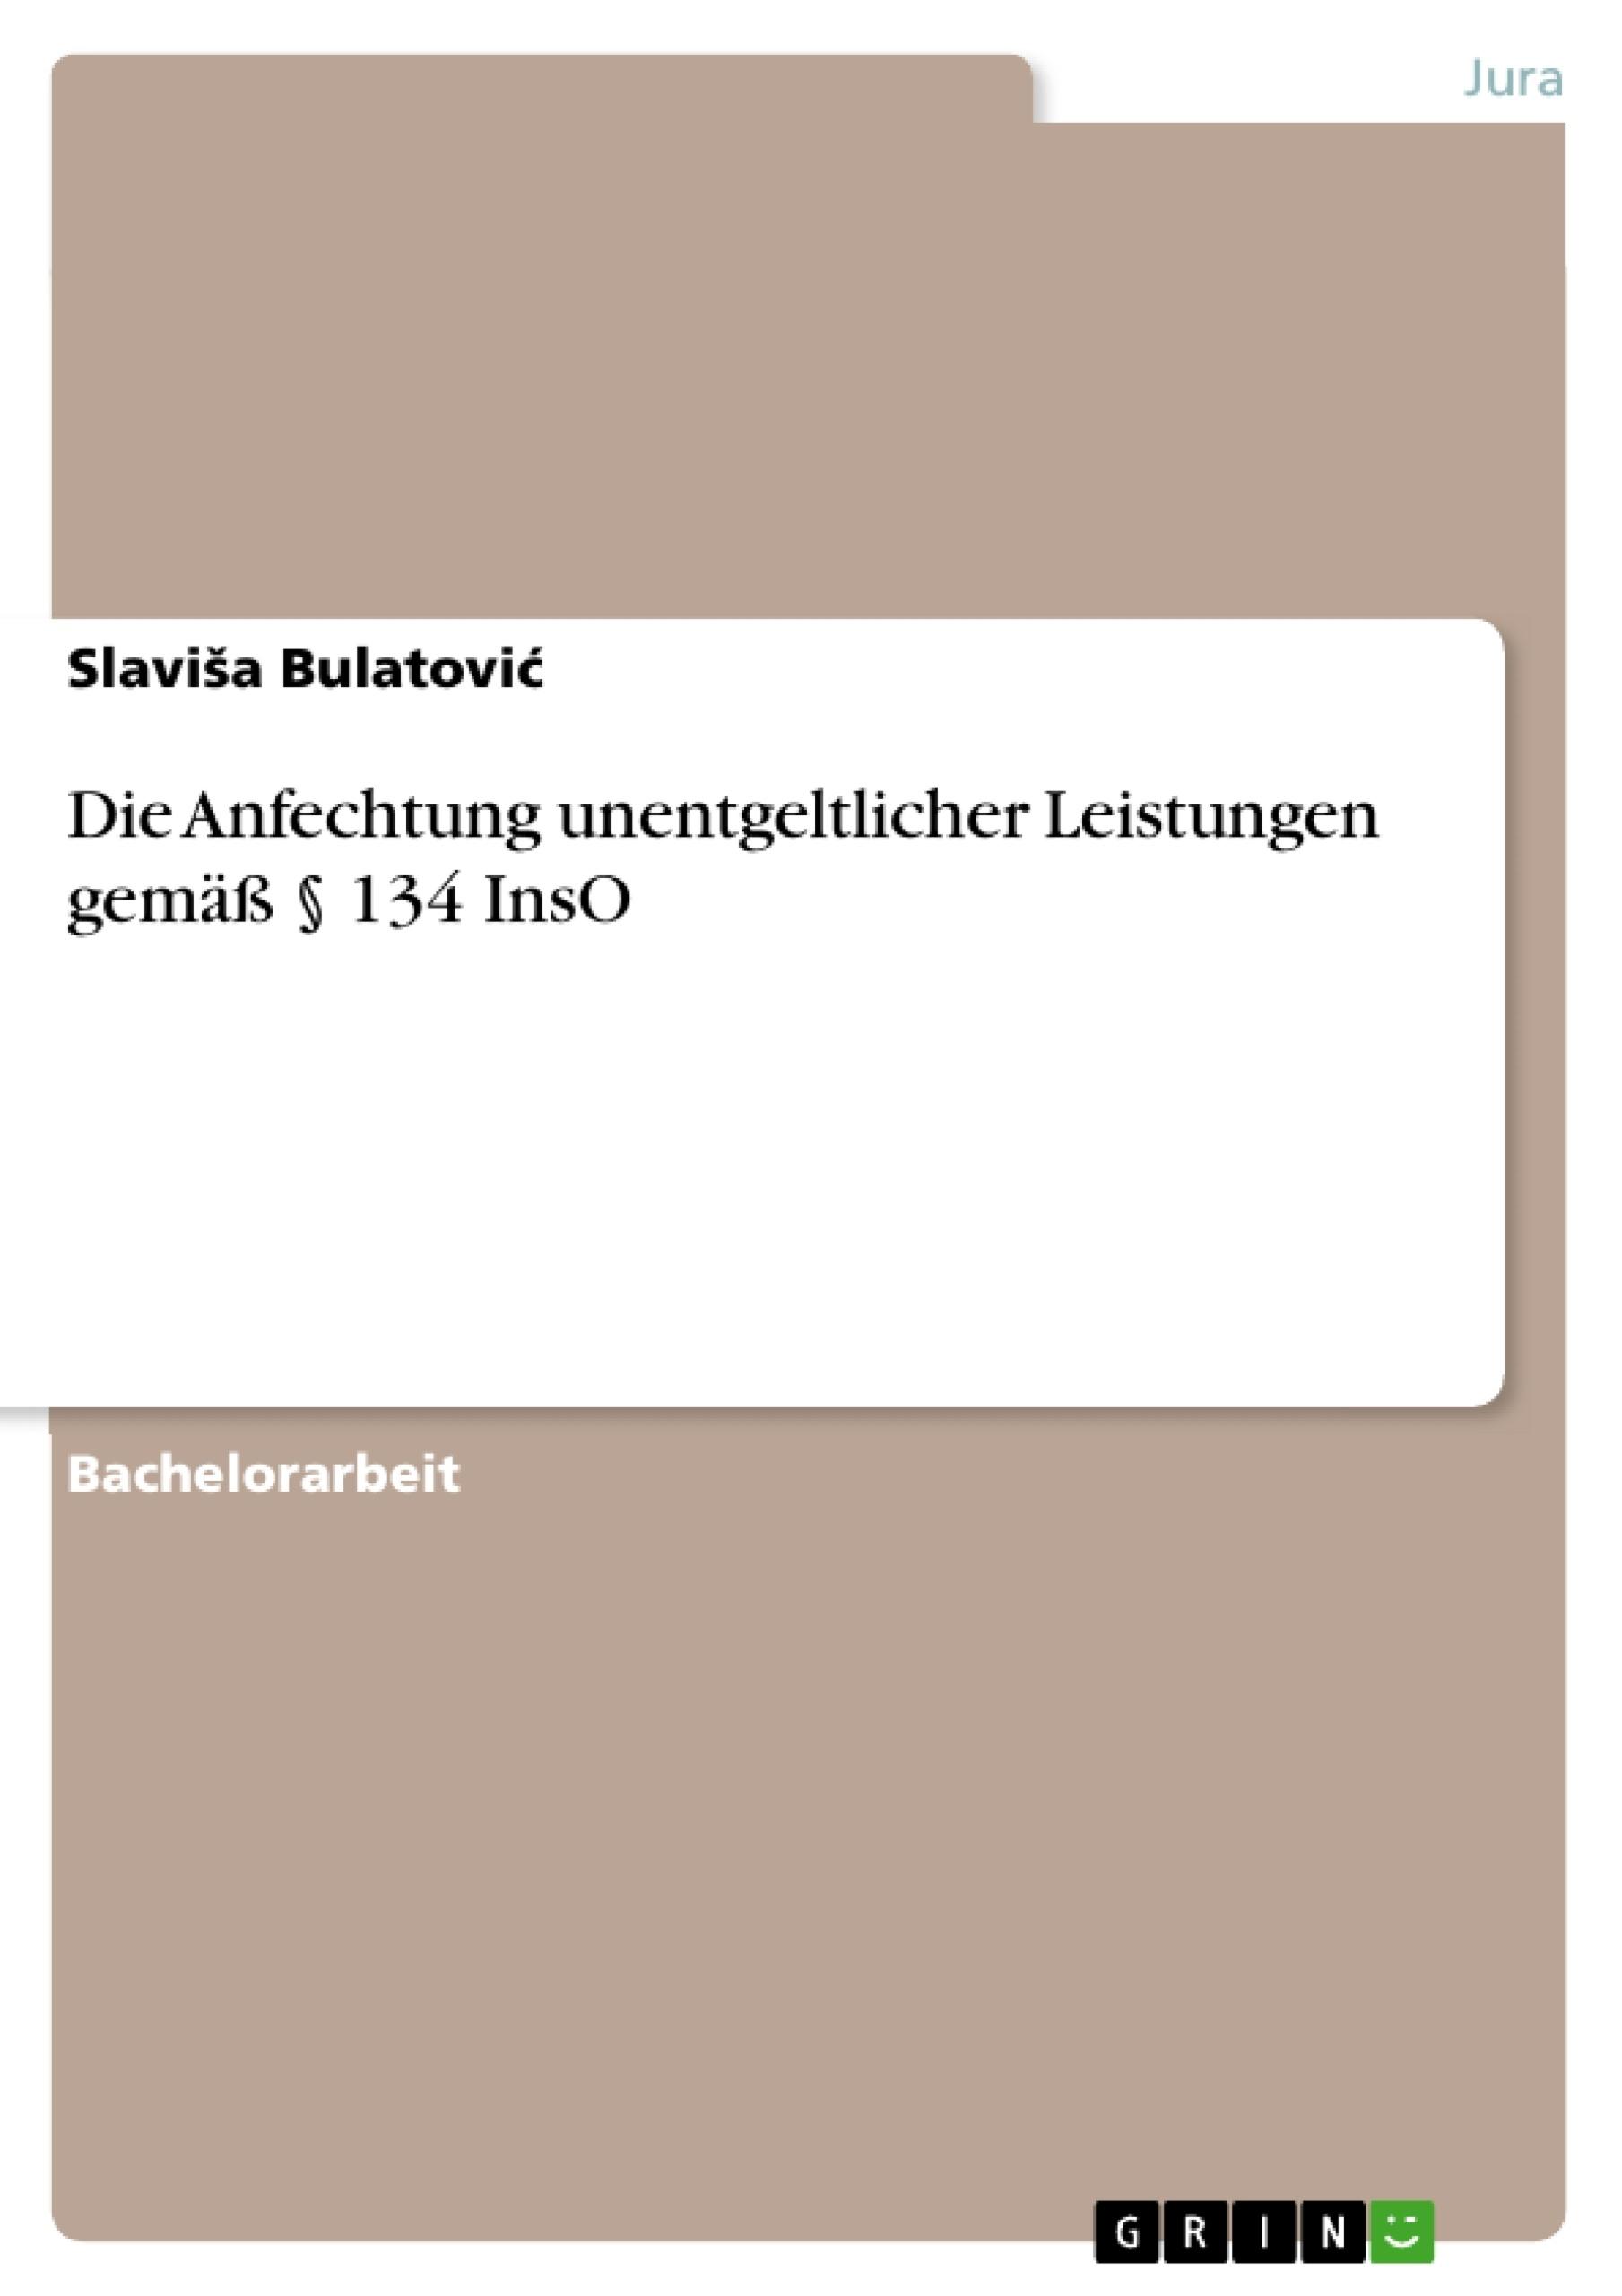 Titel: Die Anfechtung unentgeltlicher Leistungen gemäß § 134 InsO